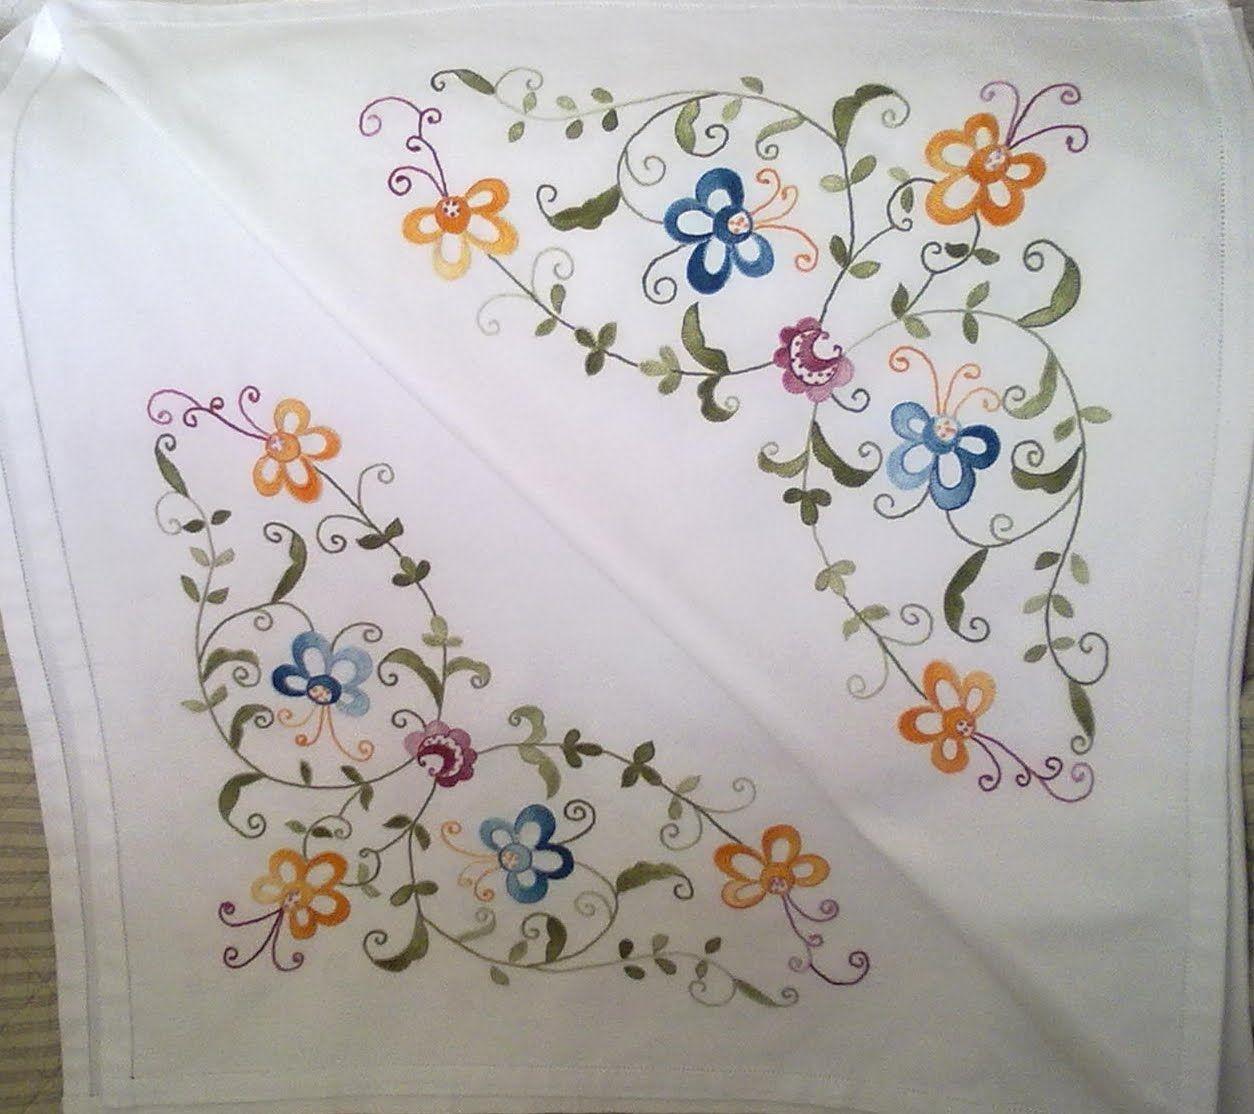 Knitting Embroidery Bordado : Bordado mallorquin s buscar con google